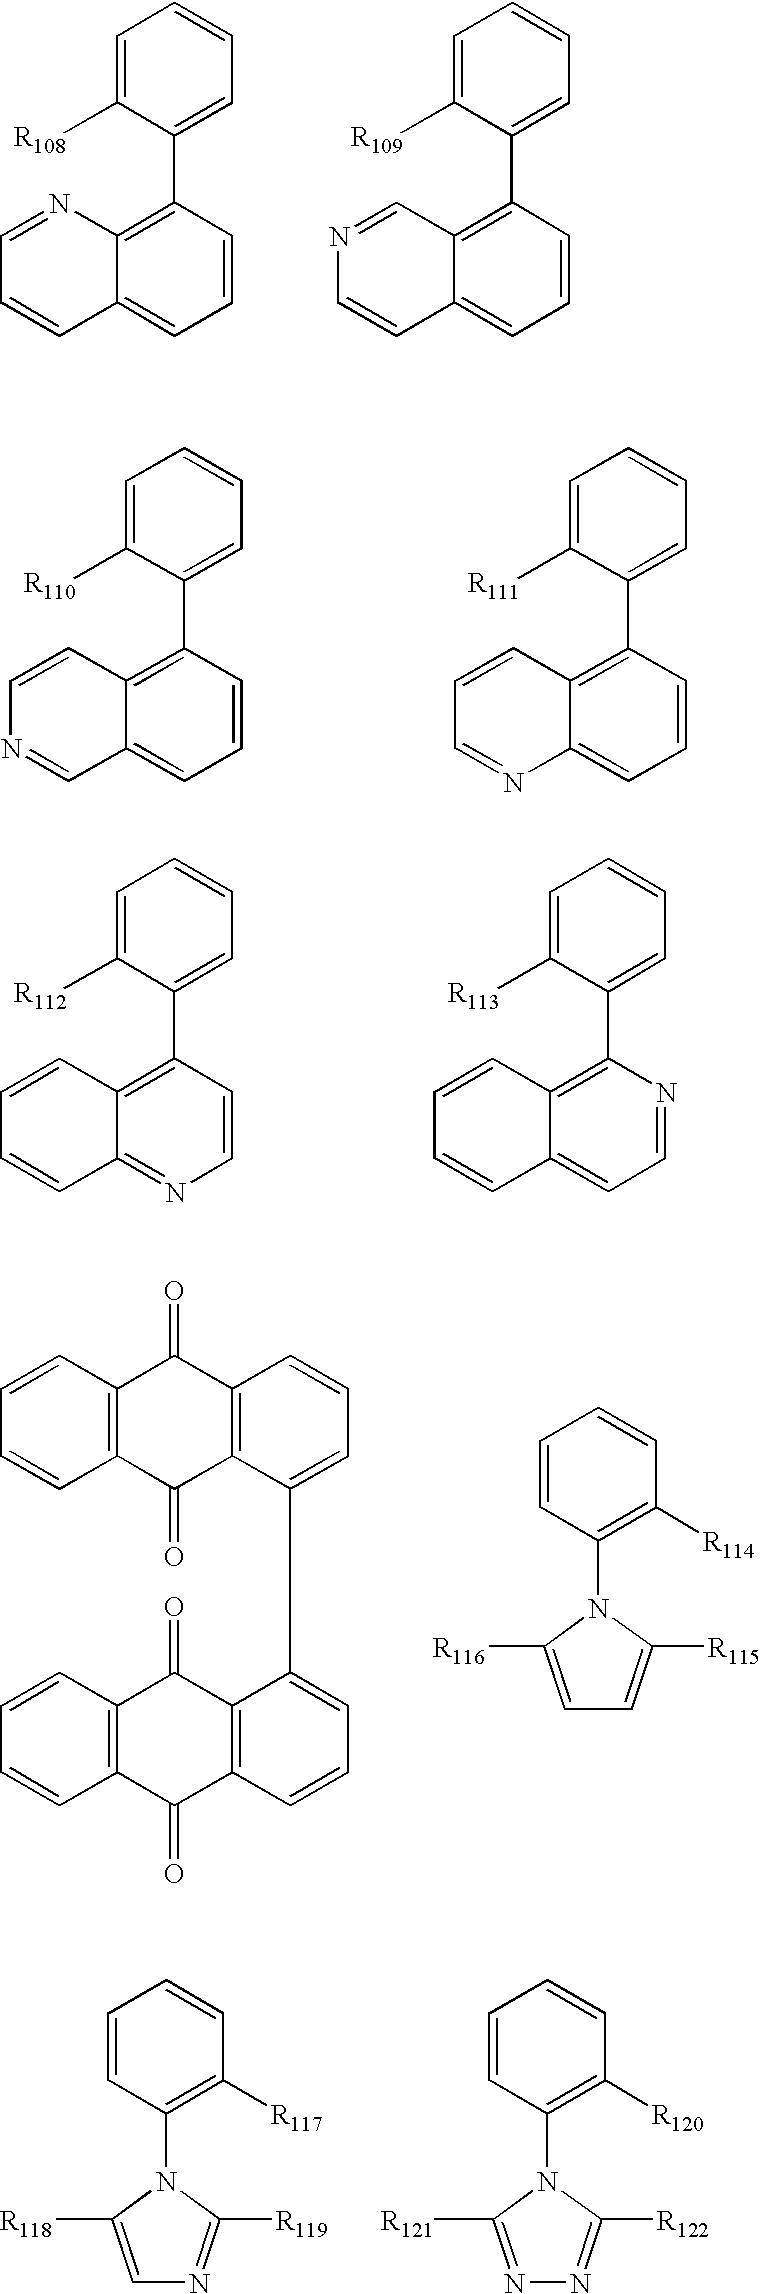 Figure US20040062951A1-20040401-C00018